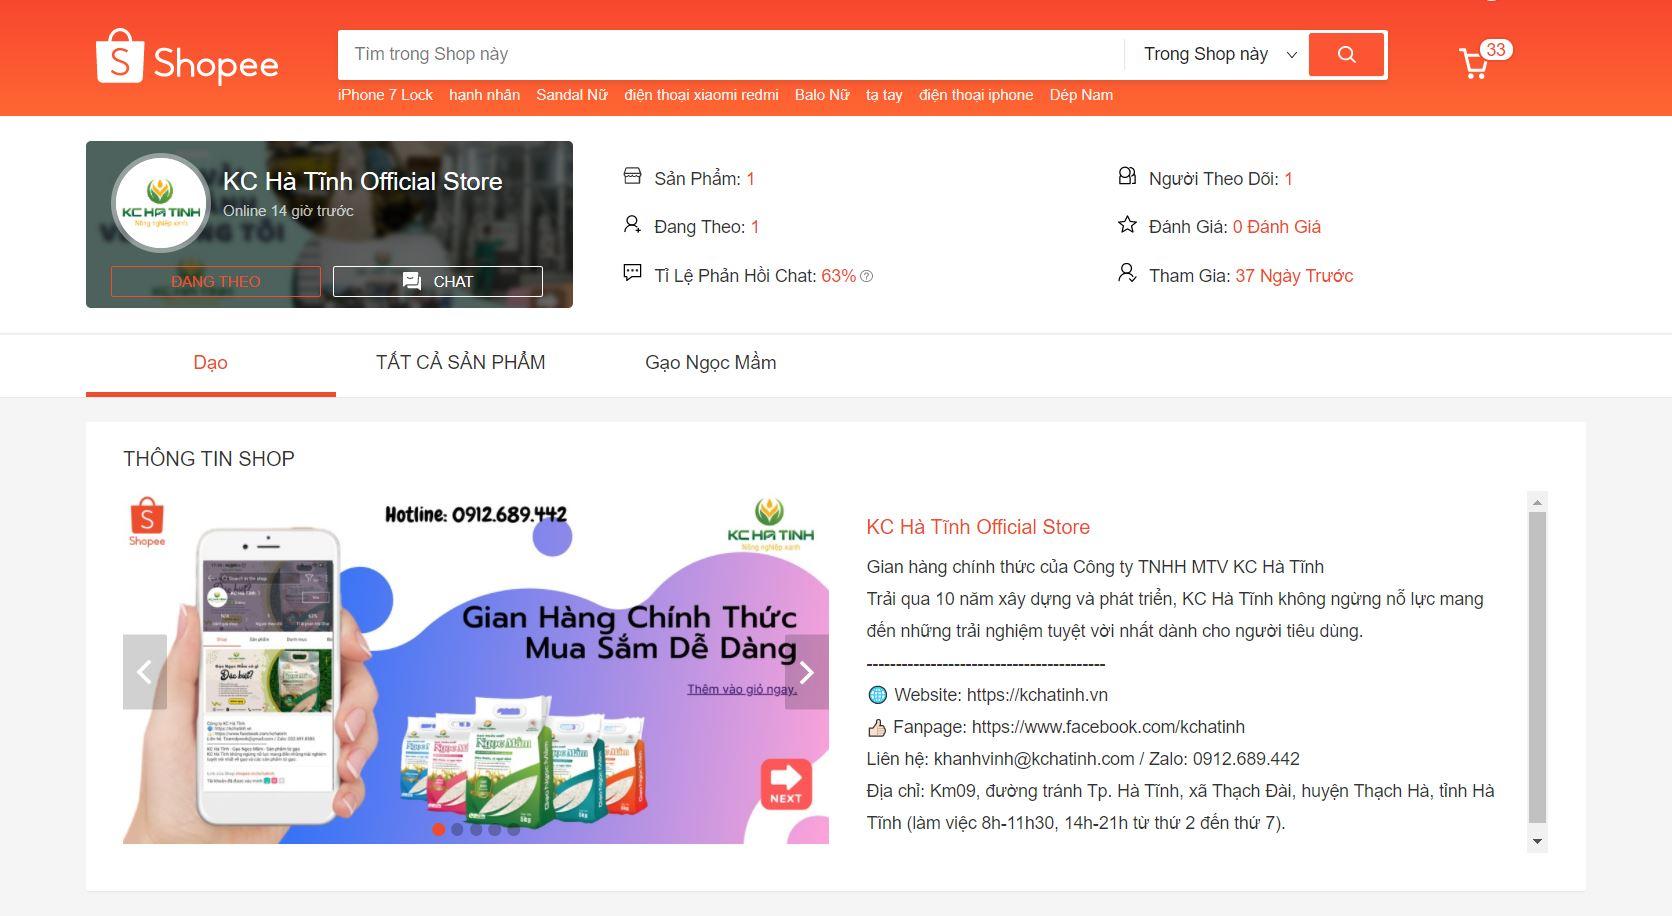 KC Hà Tĩnh tham gia thương mại điện tử shopee